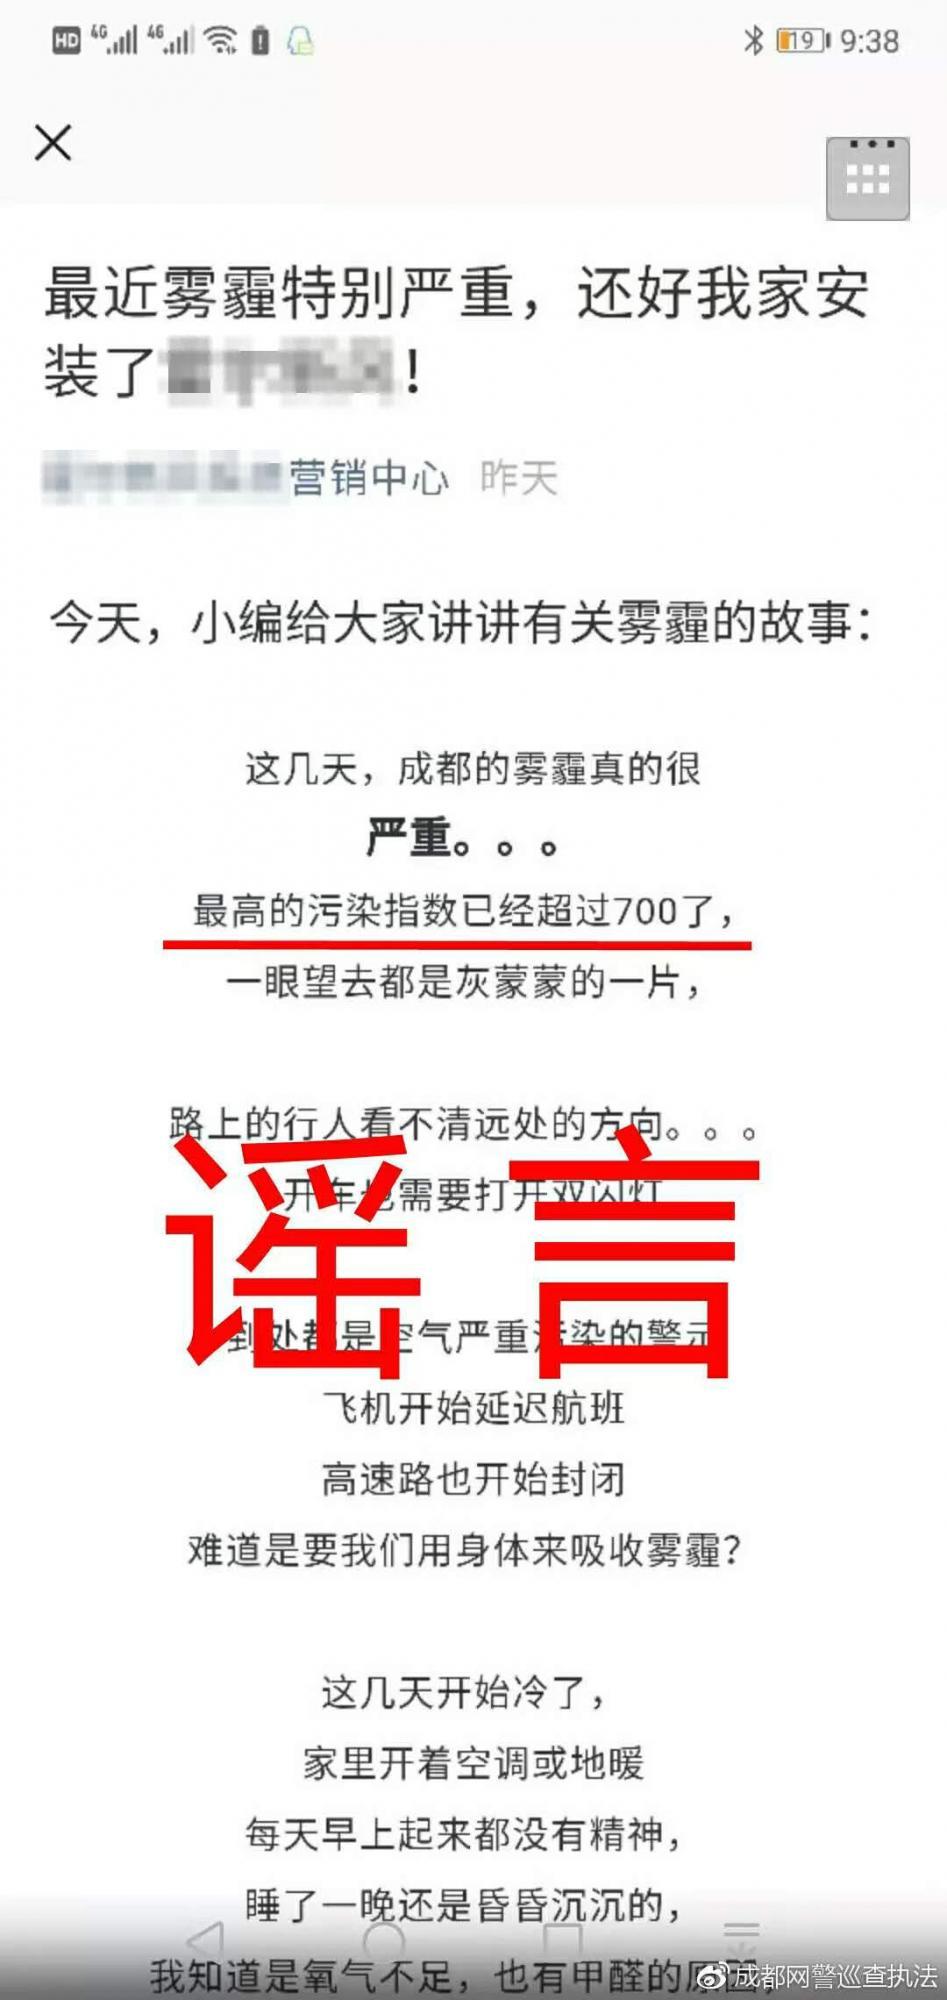 【網絡謠言粉碎機】為推銷自家商品造謠 終自食其果被行拘7日